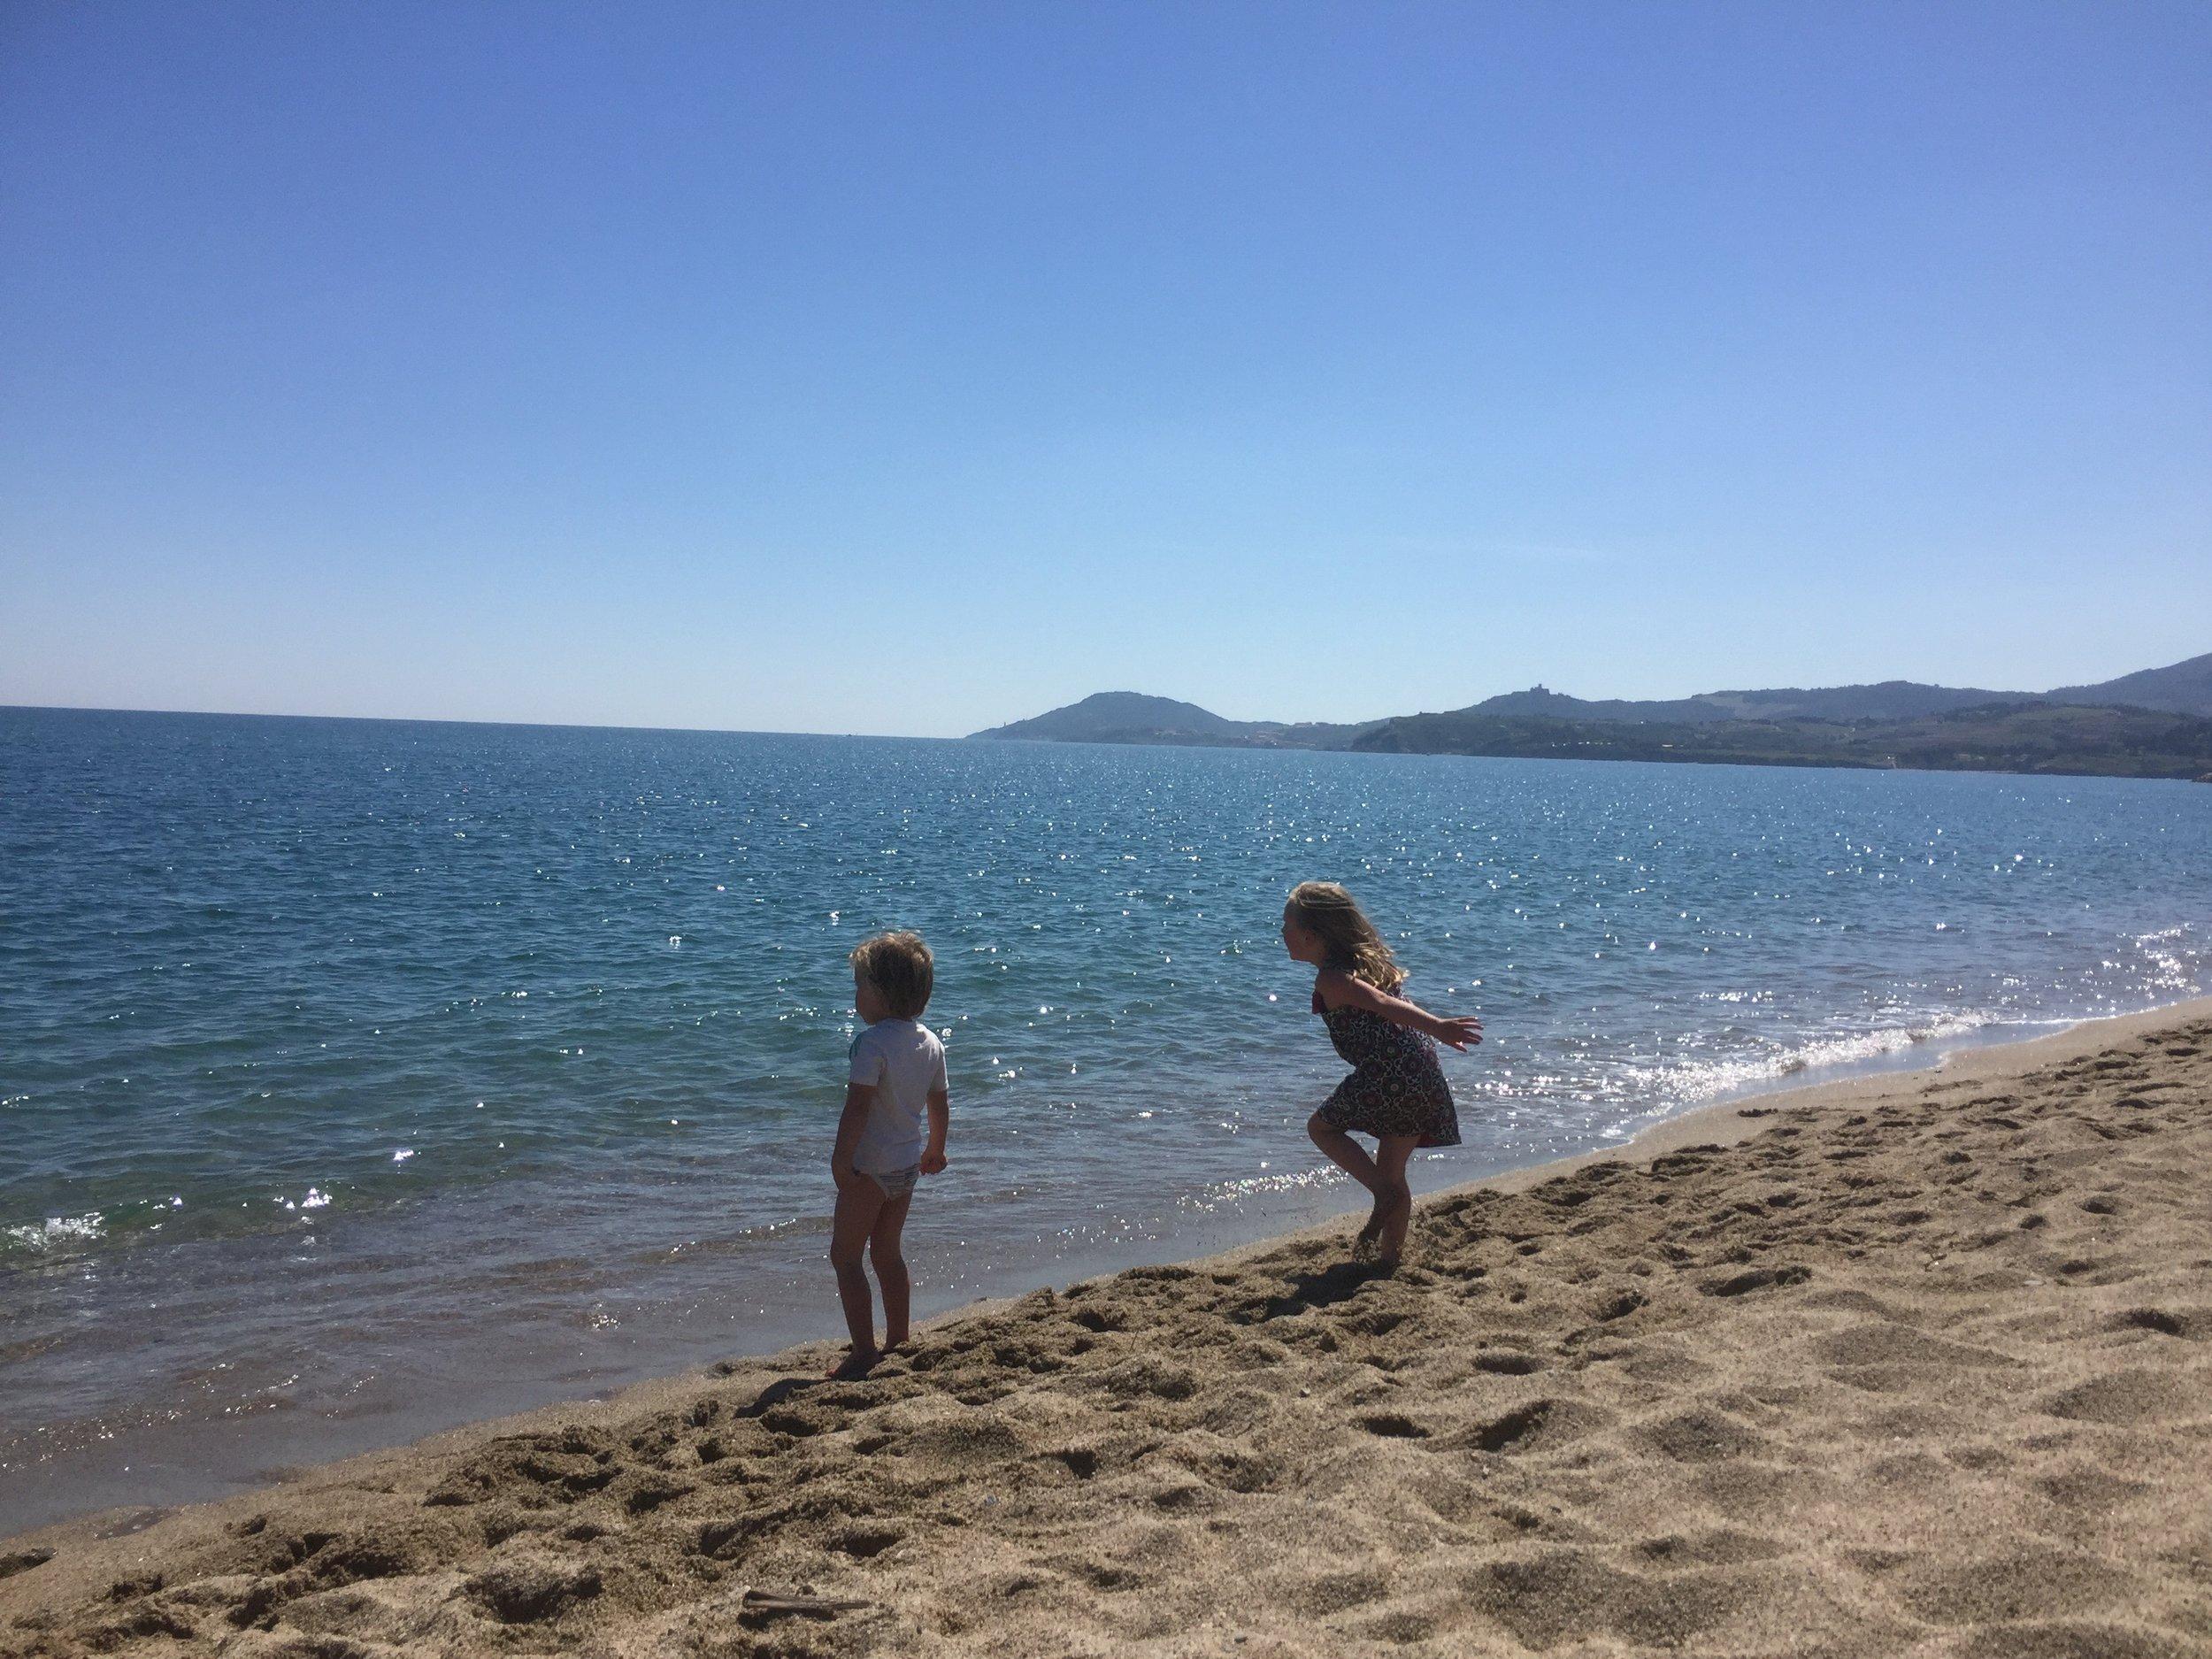 One of the many beaches white sandy beaches around Argeles